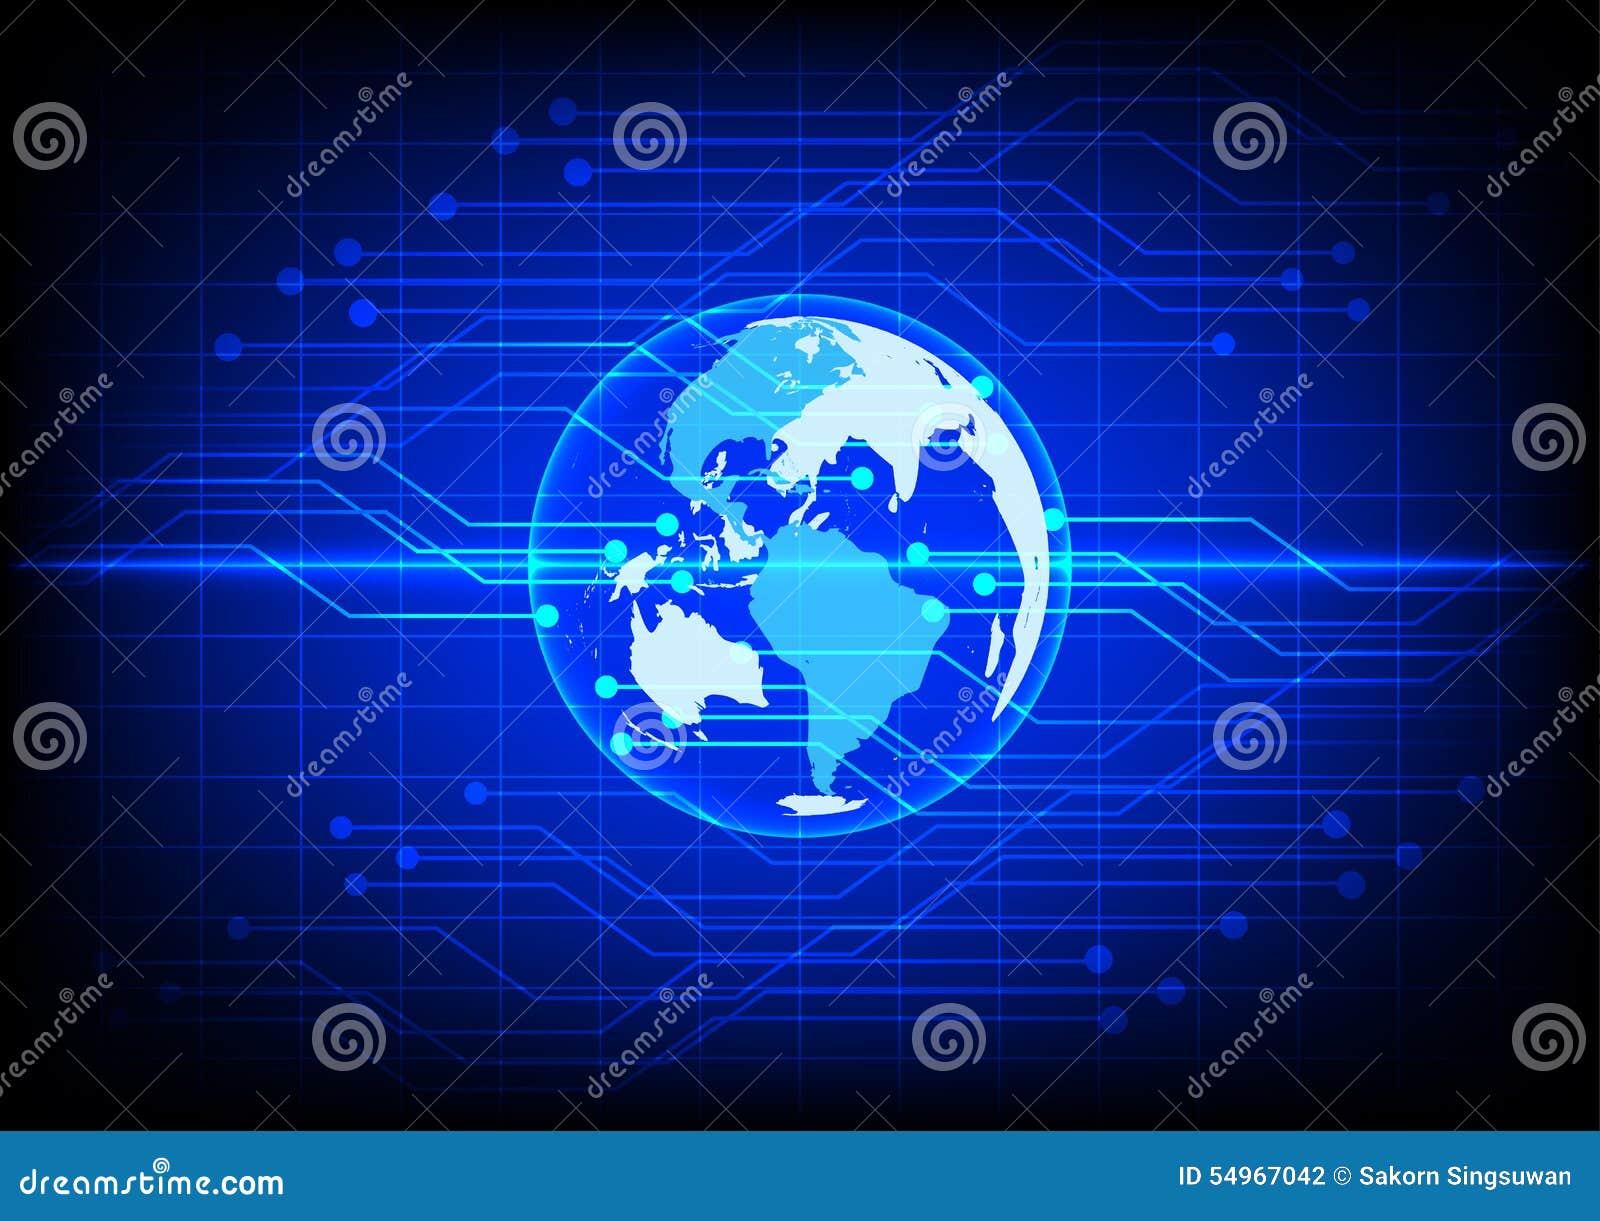 electronic world background -#main